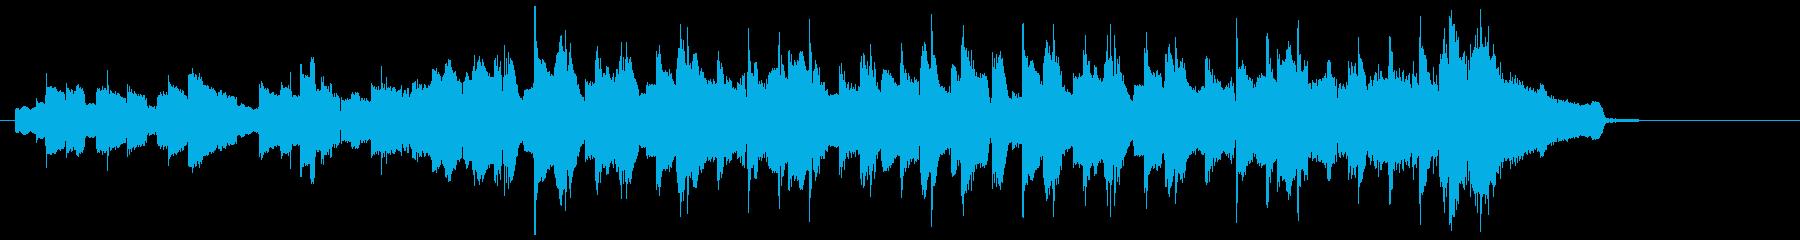 ハッピーマンデイの再生済みの波形